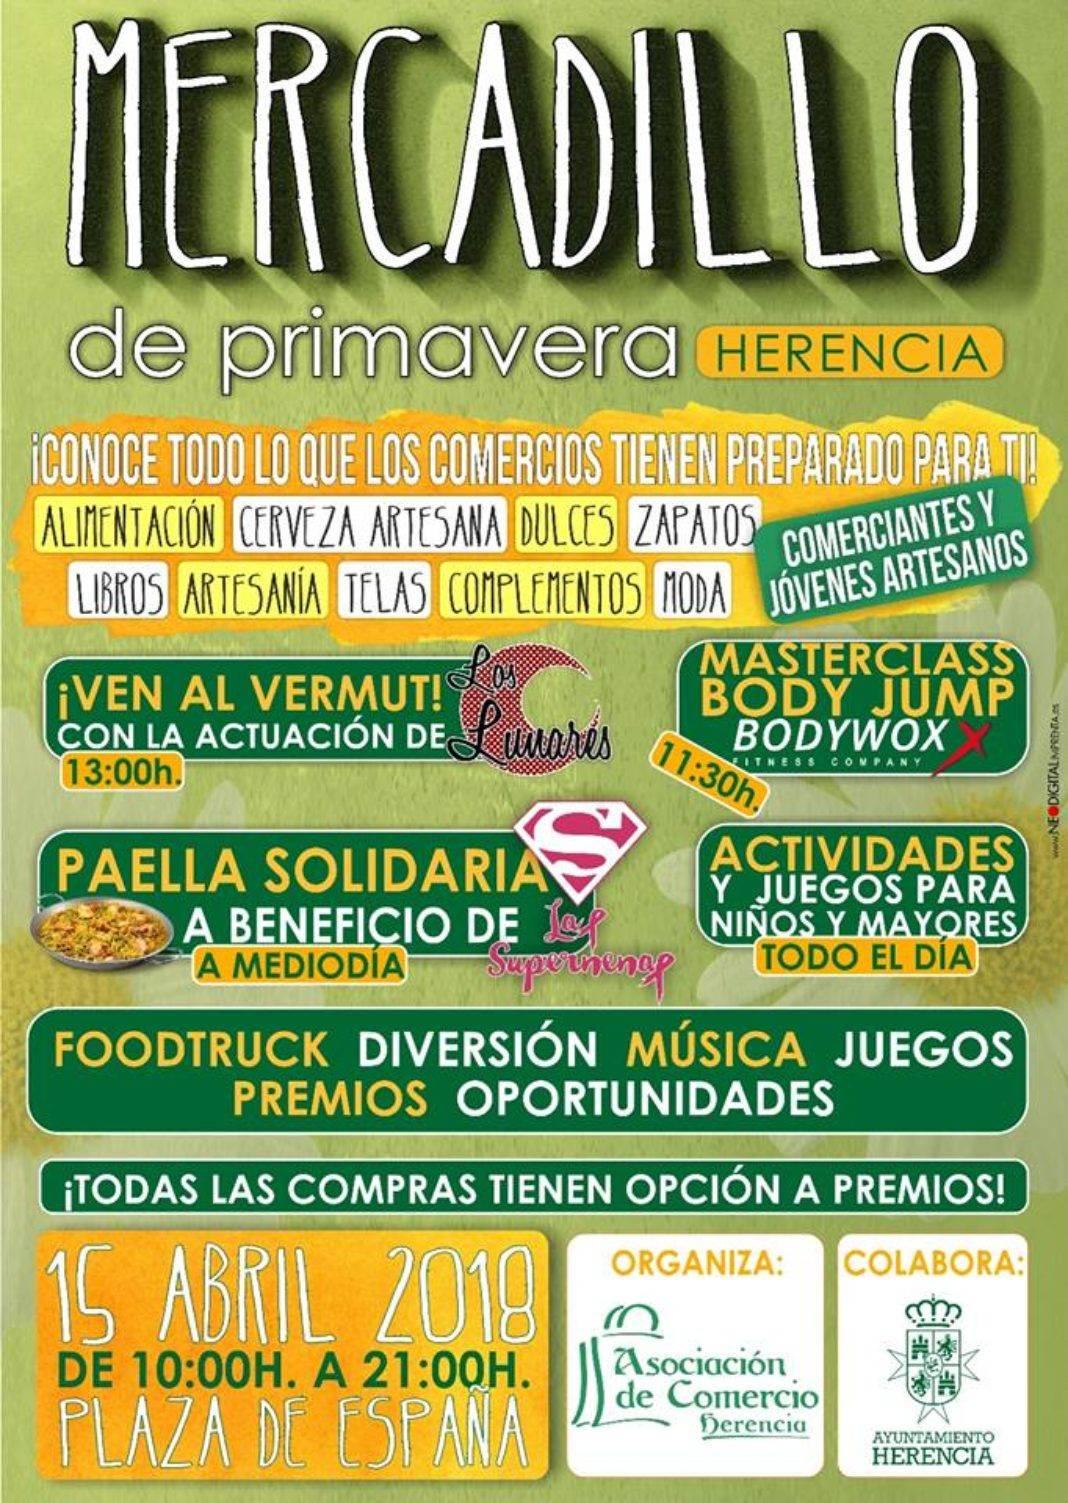 El comercio de Herencia organiza un mercadillo de primavera 7